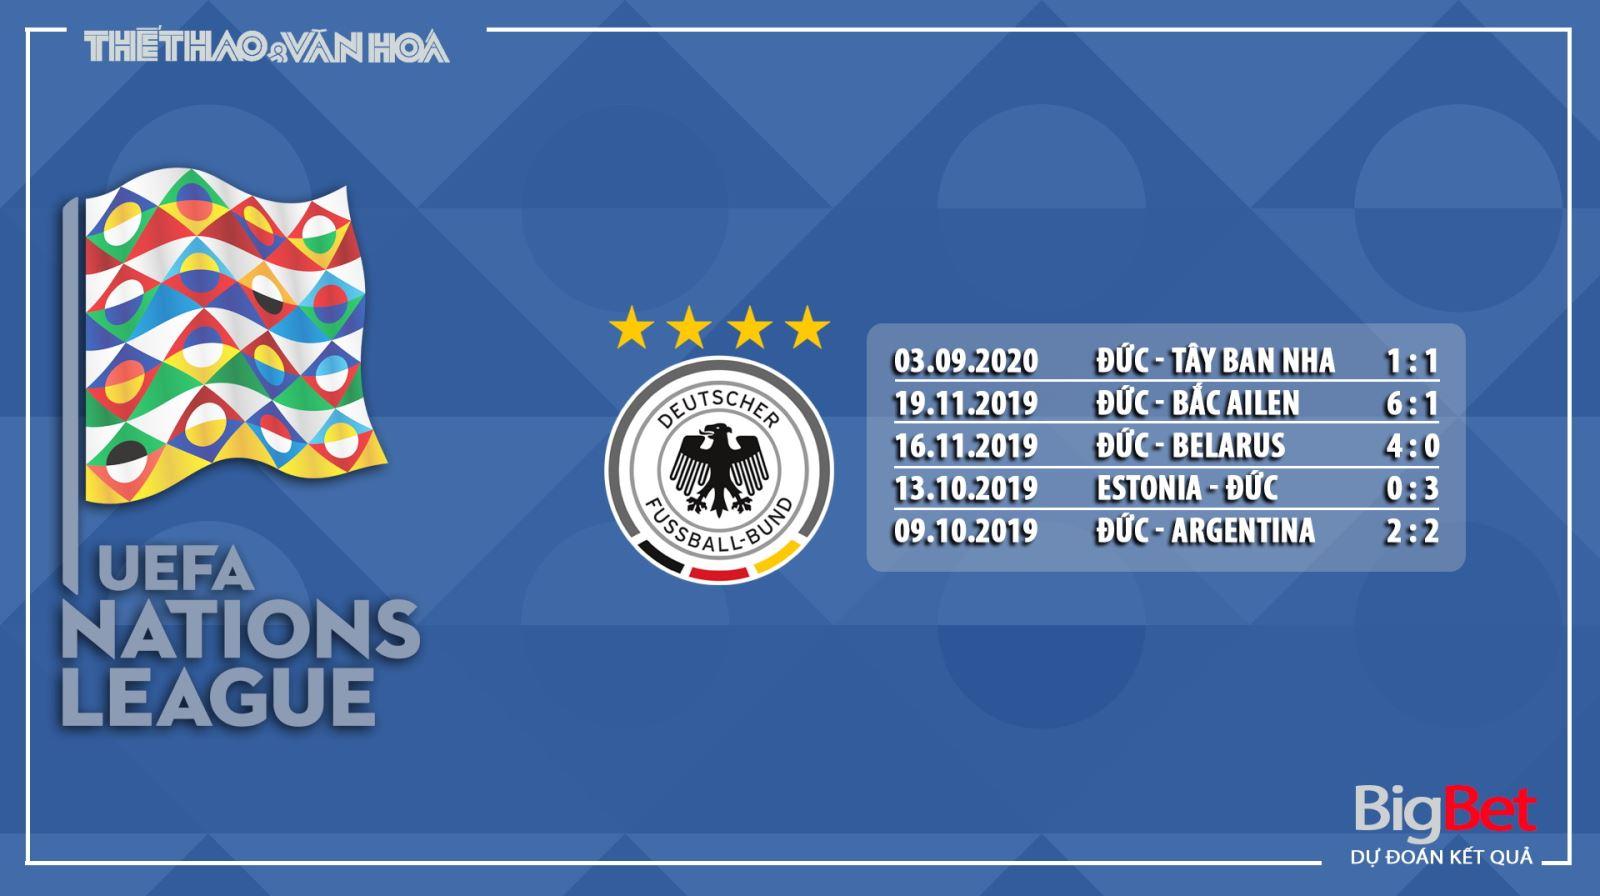 Thụy Sỹ vs Đức, đức, thuỵ sĩ, soi kèo Thụy Sỹ vs Đức, kèo bóng đá, soi kèo bóng đá, trực tiếp Thụy Sỹ vs Đức, UEFA Nations League